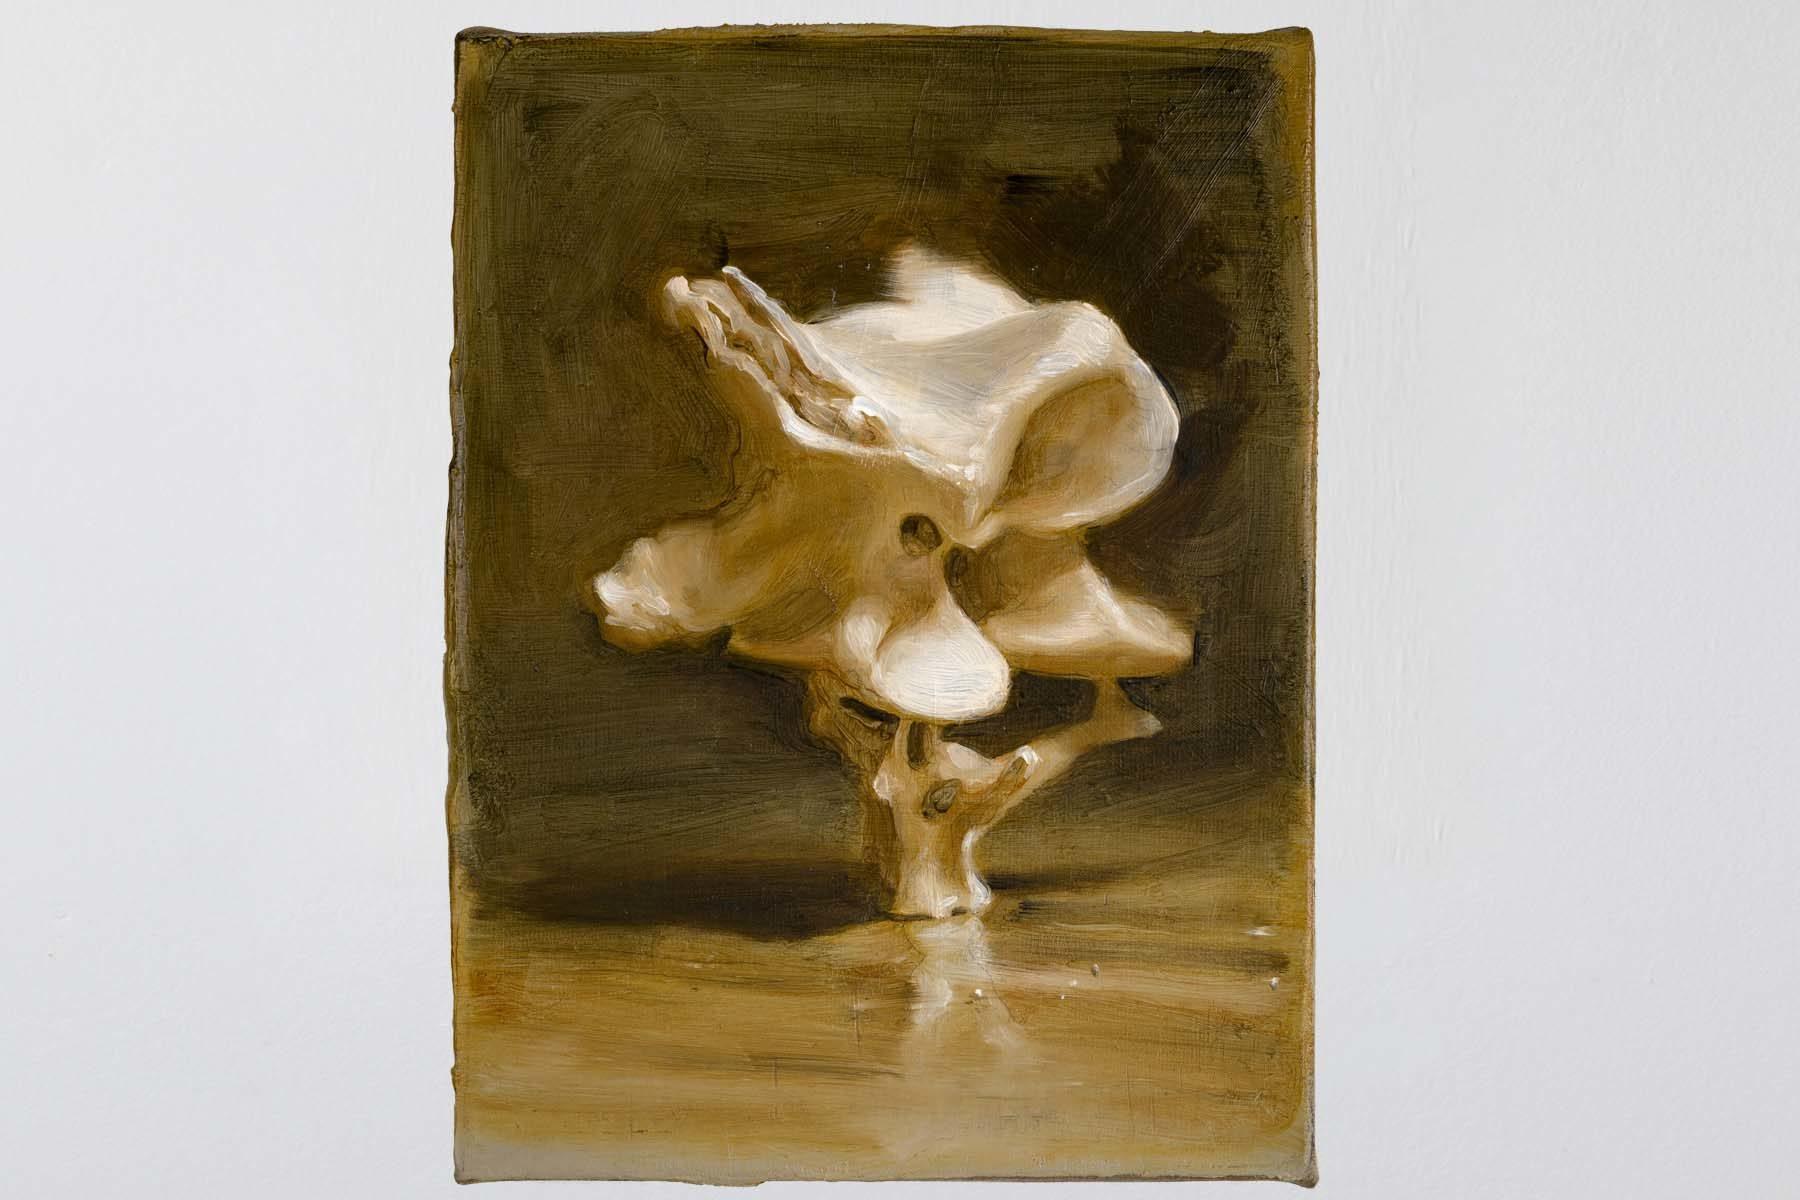 Manuele Cerutti, Tracce del mito, II, 2014, oil on canvas, 24.4 x 18.6 cm